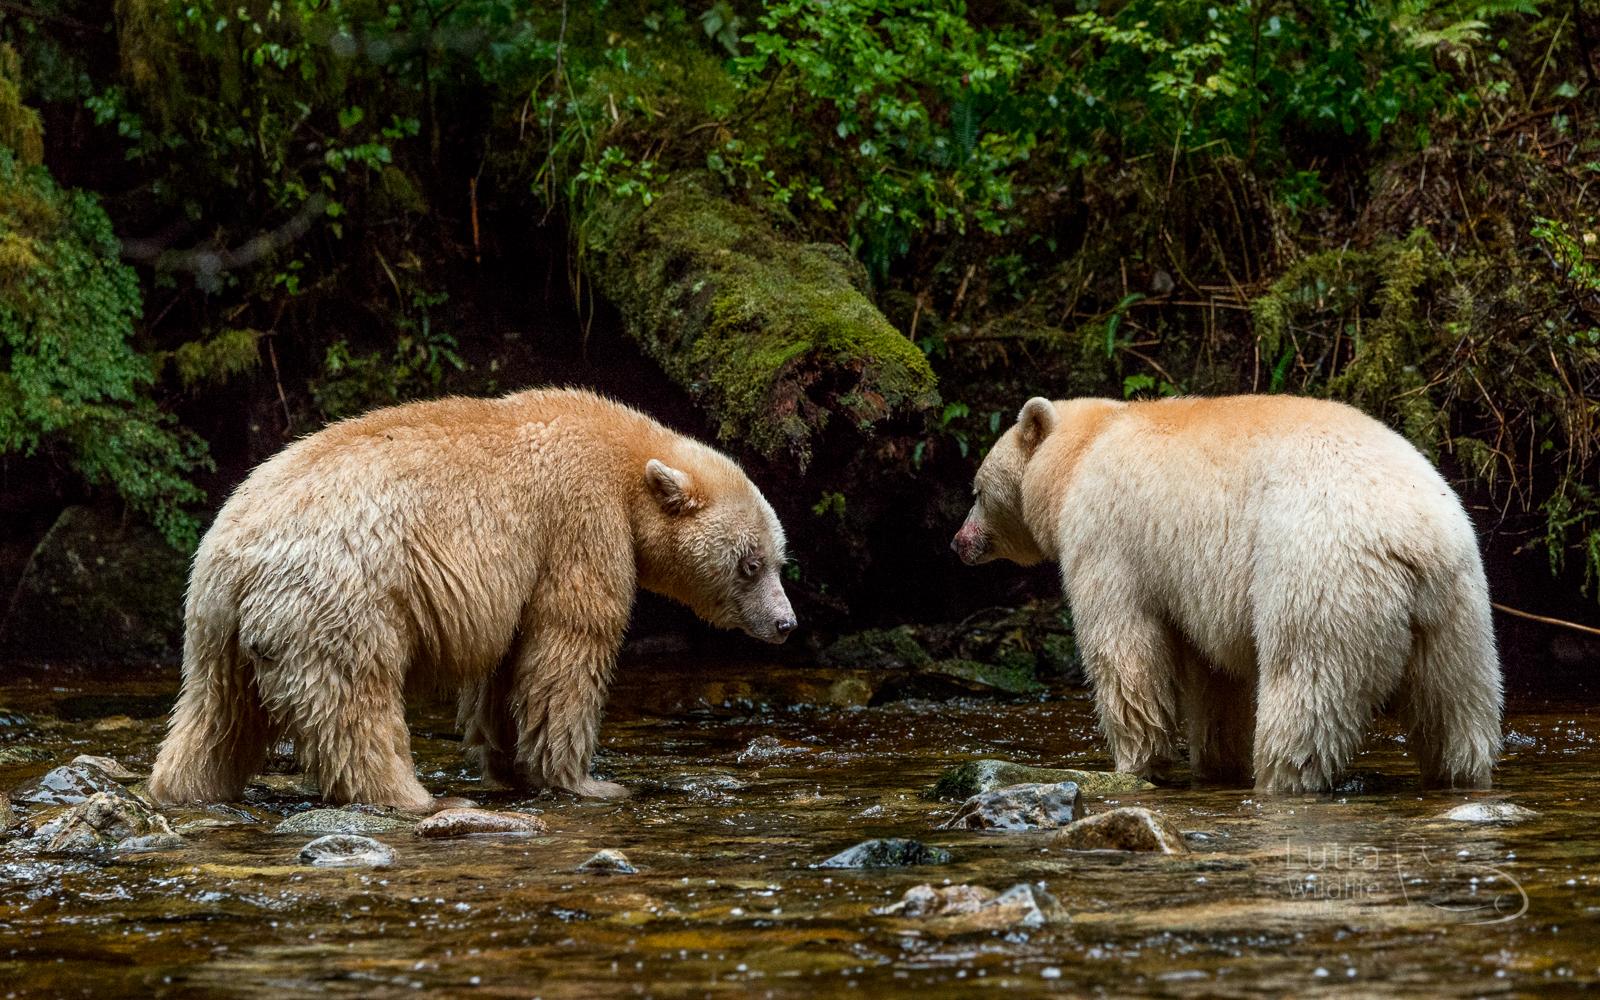 Two Spirit Bears fishing